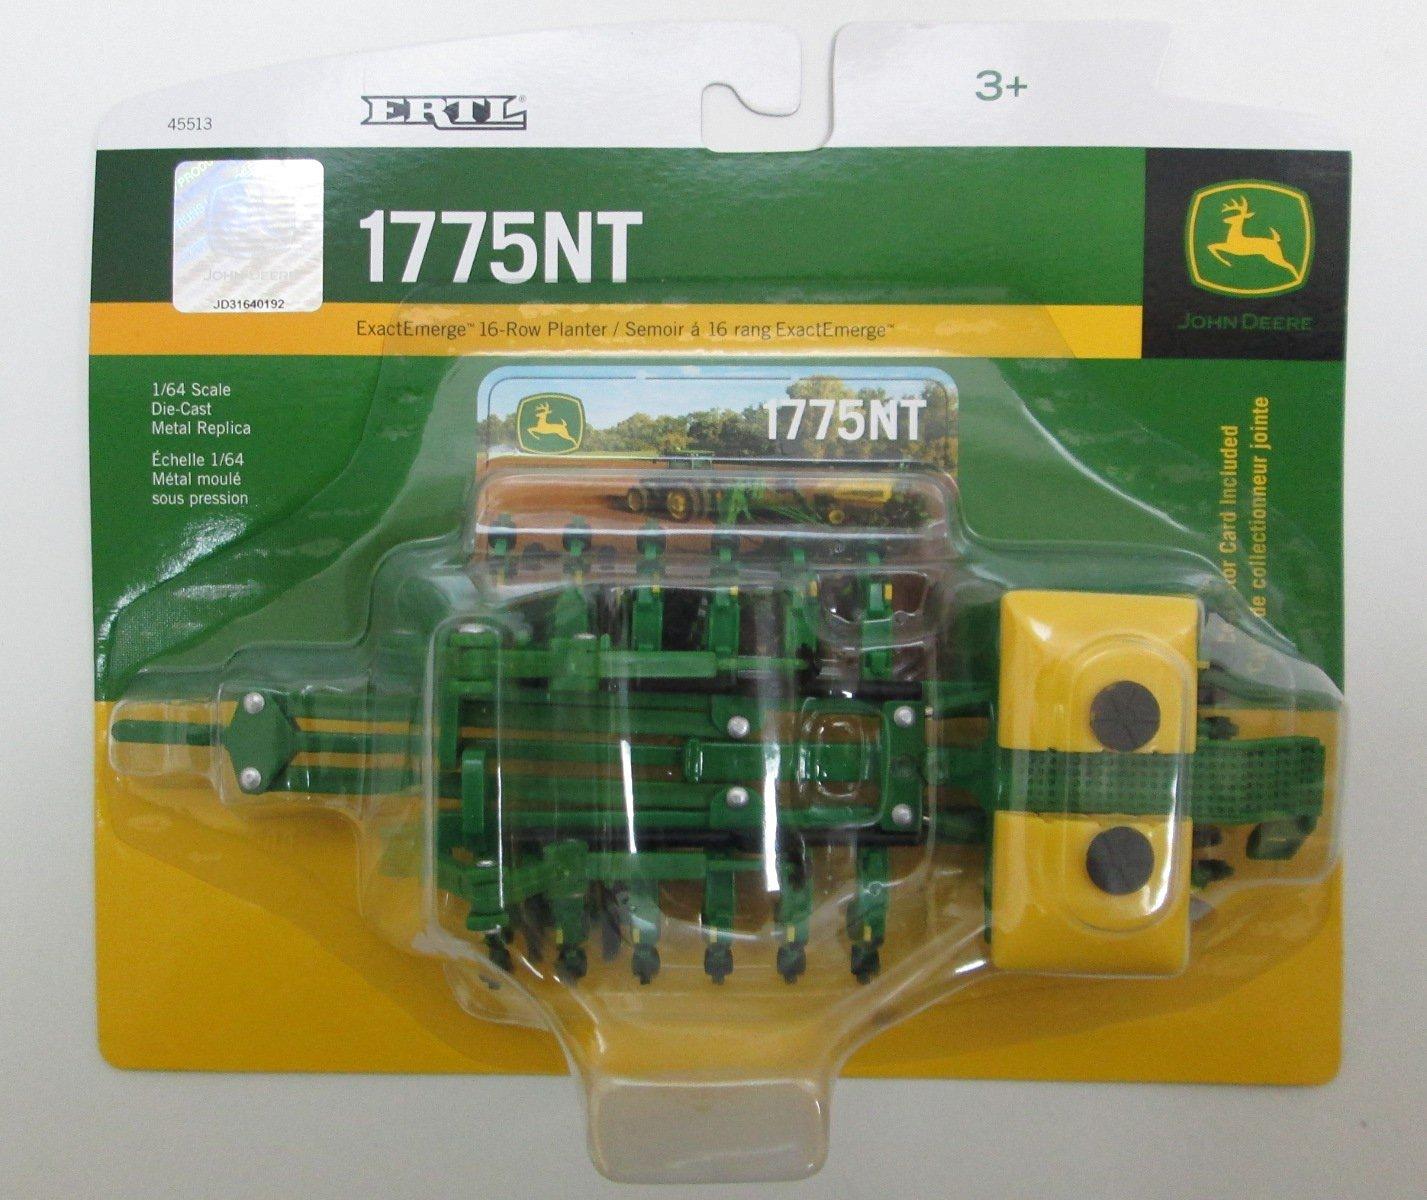 Cheap John Deere 7000 Planter Parts Find John Deere 7000 Planter